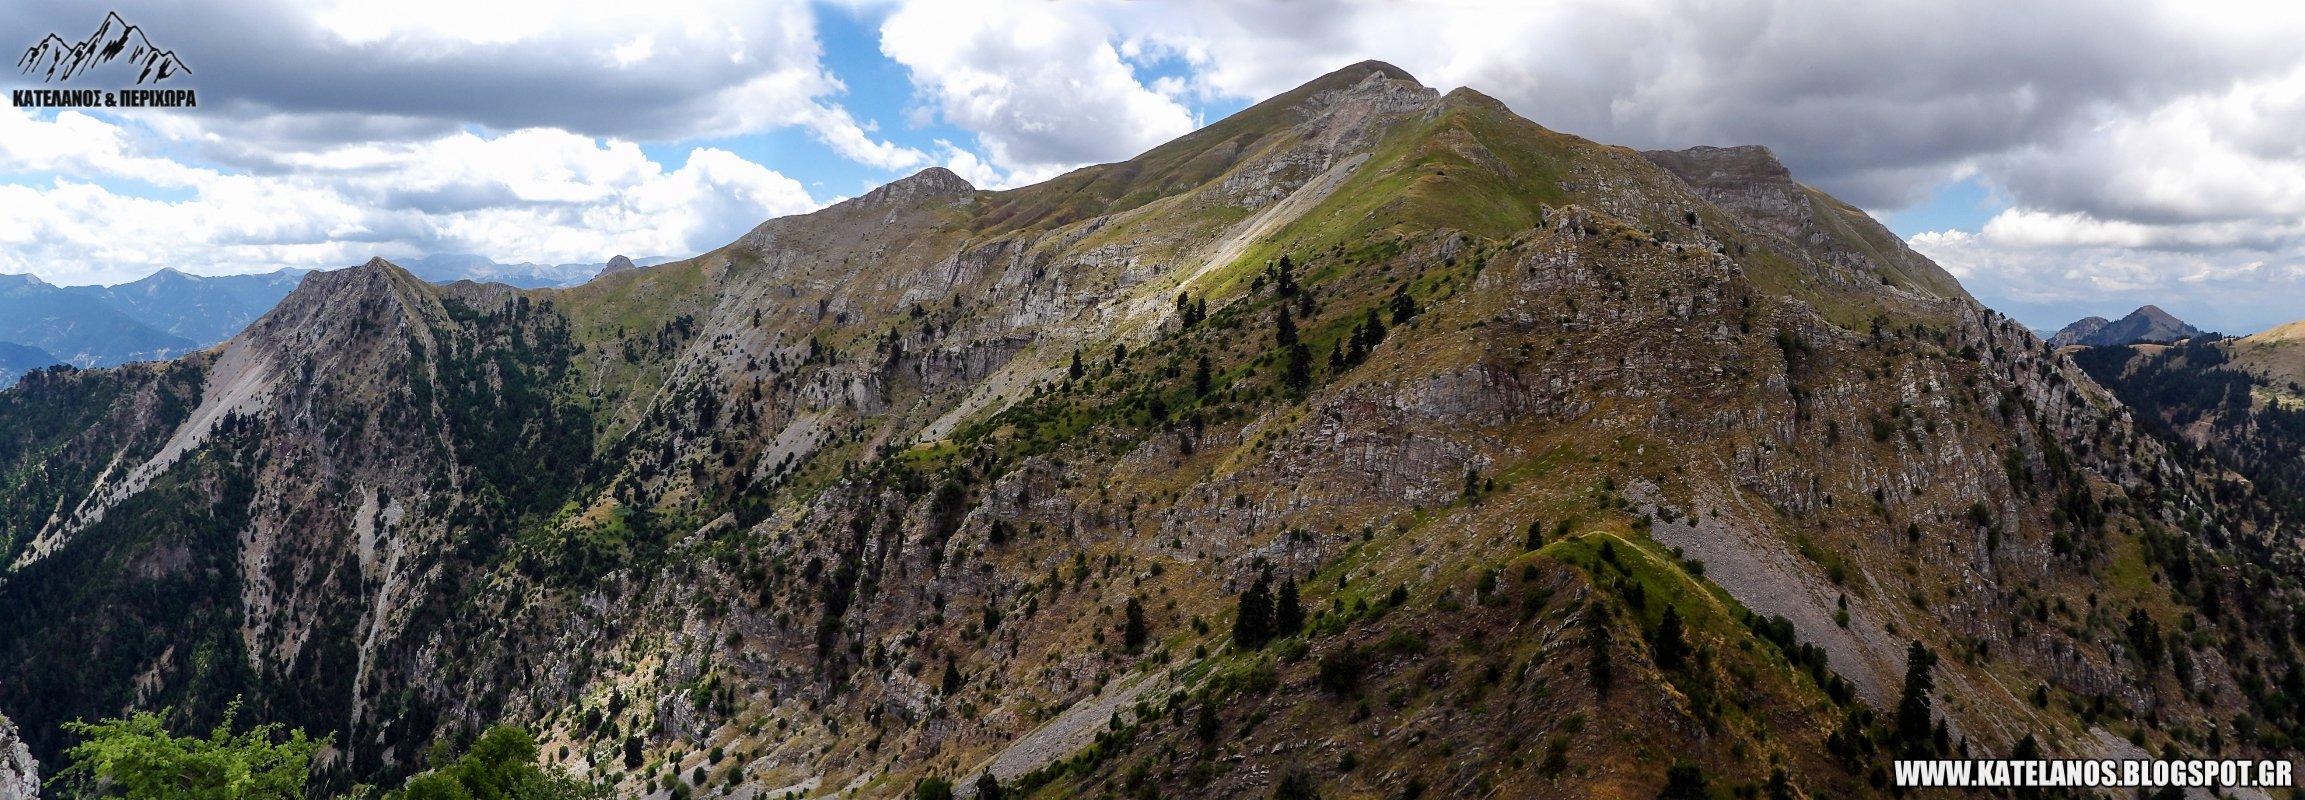 χελιδονα βουνο ευρυτανιας